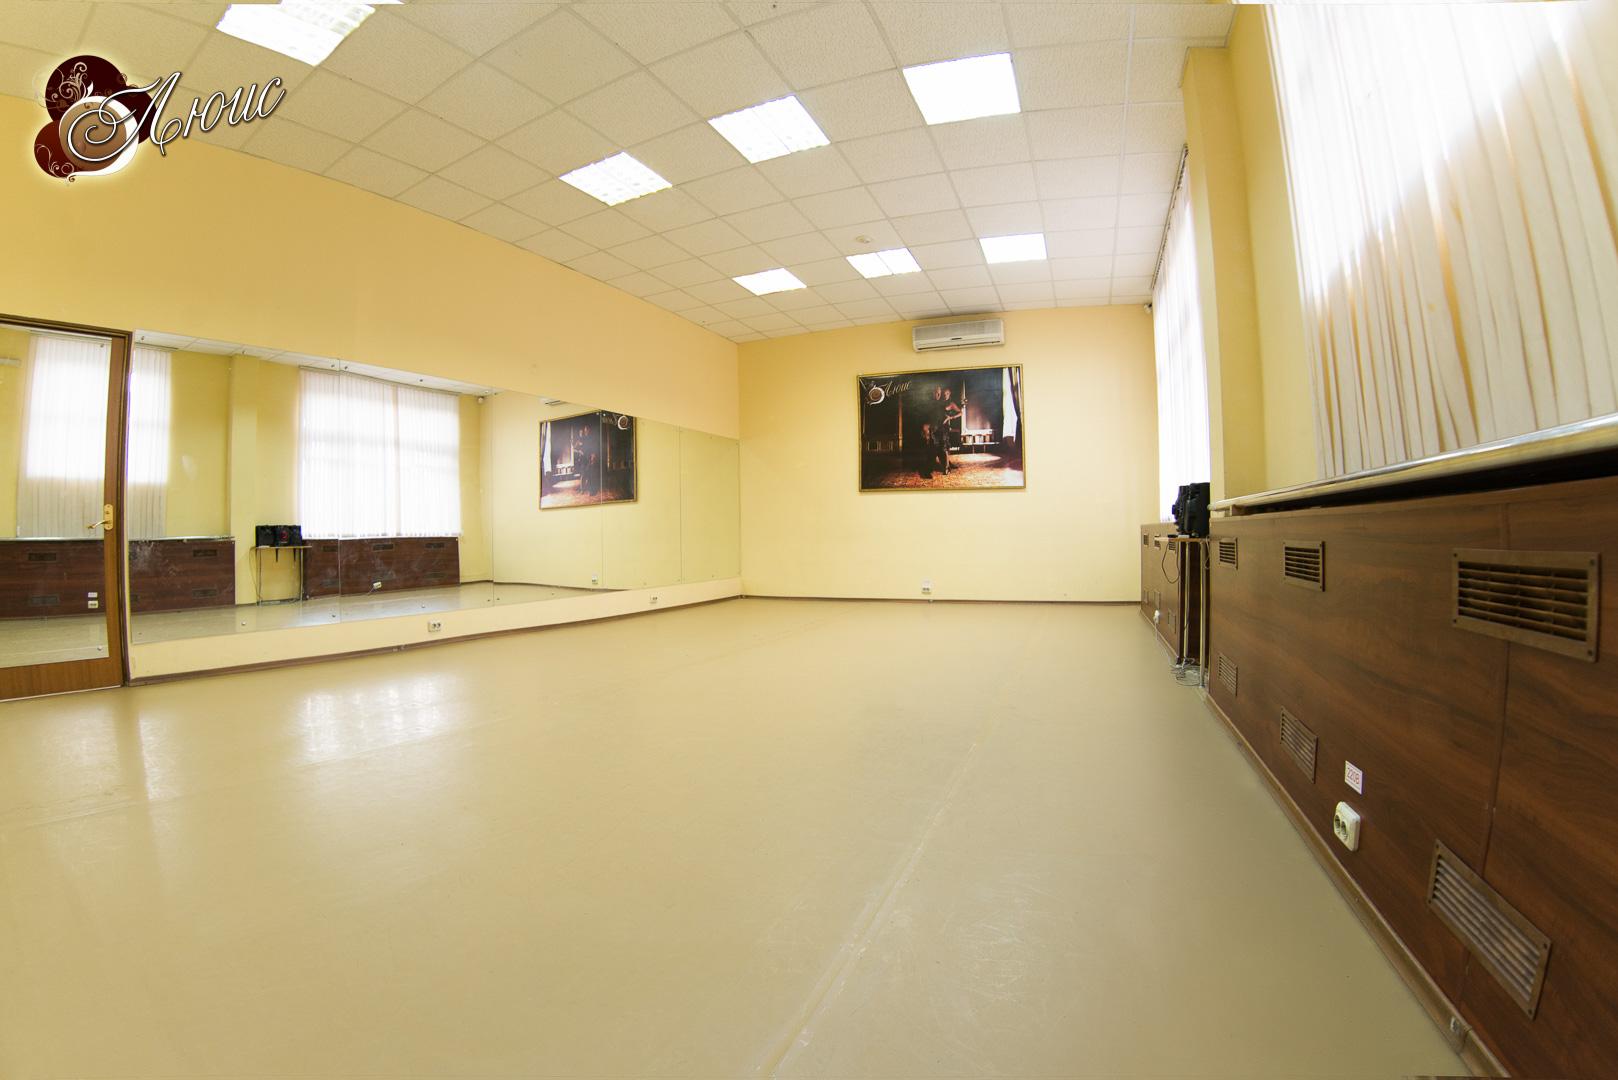 Зал Альфа - подходит для семинаров до 50 человек, тренировок, танцев